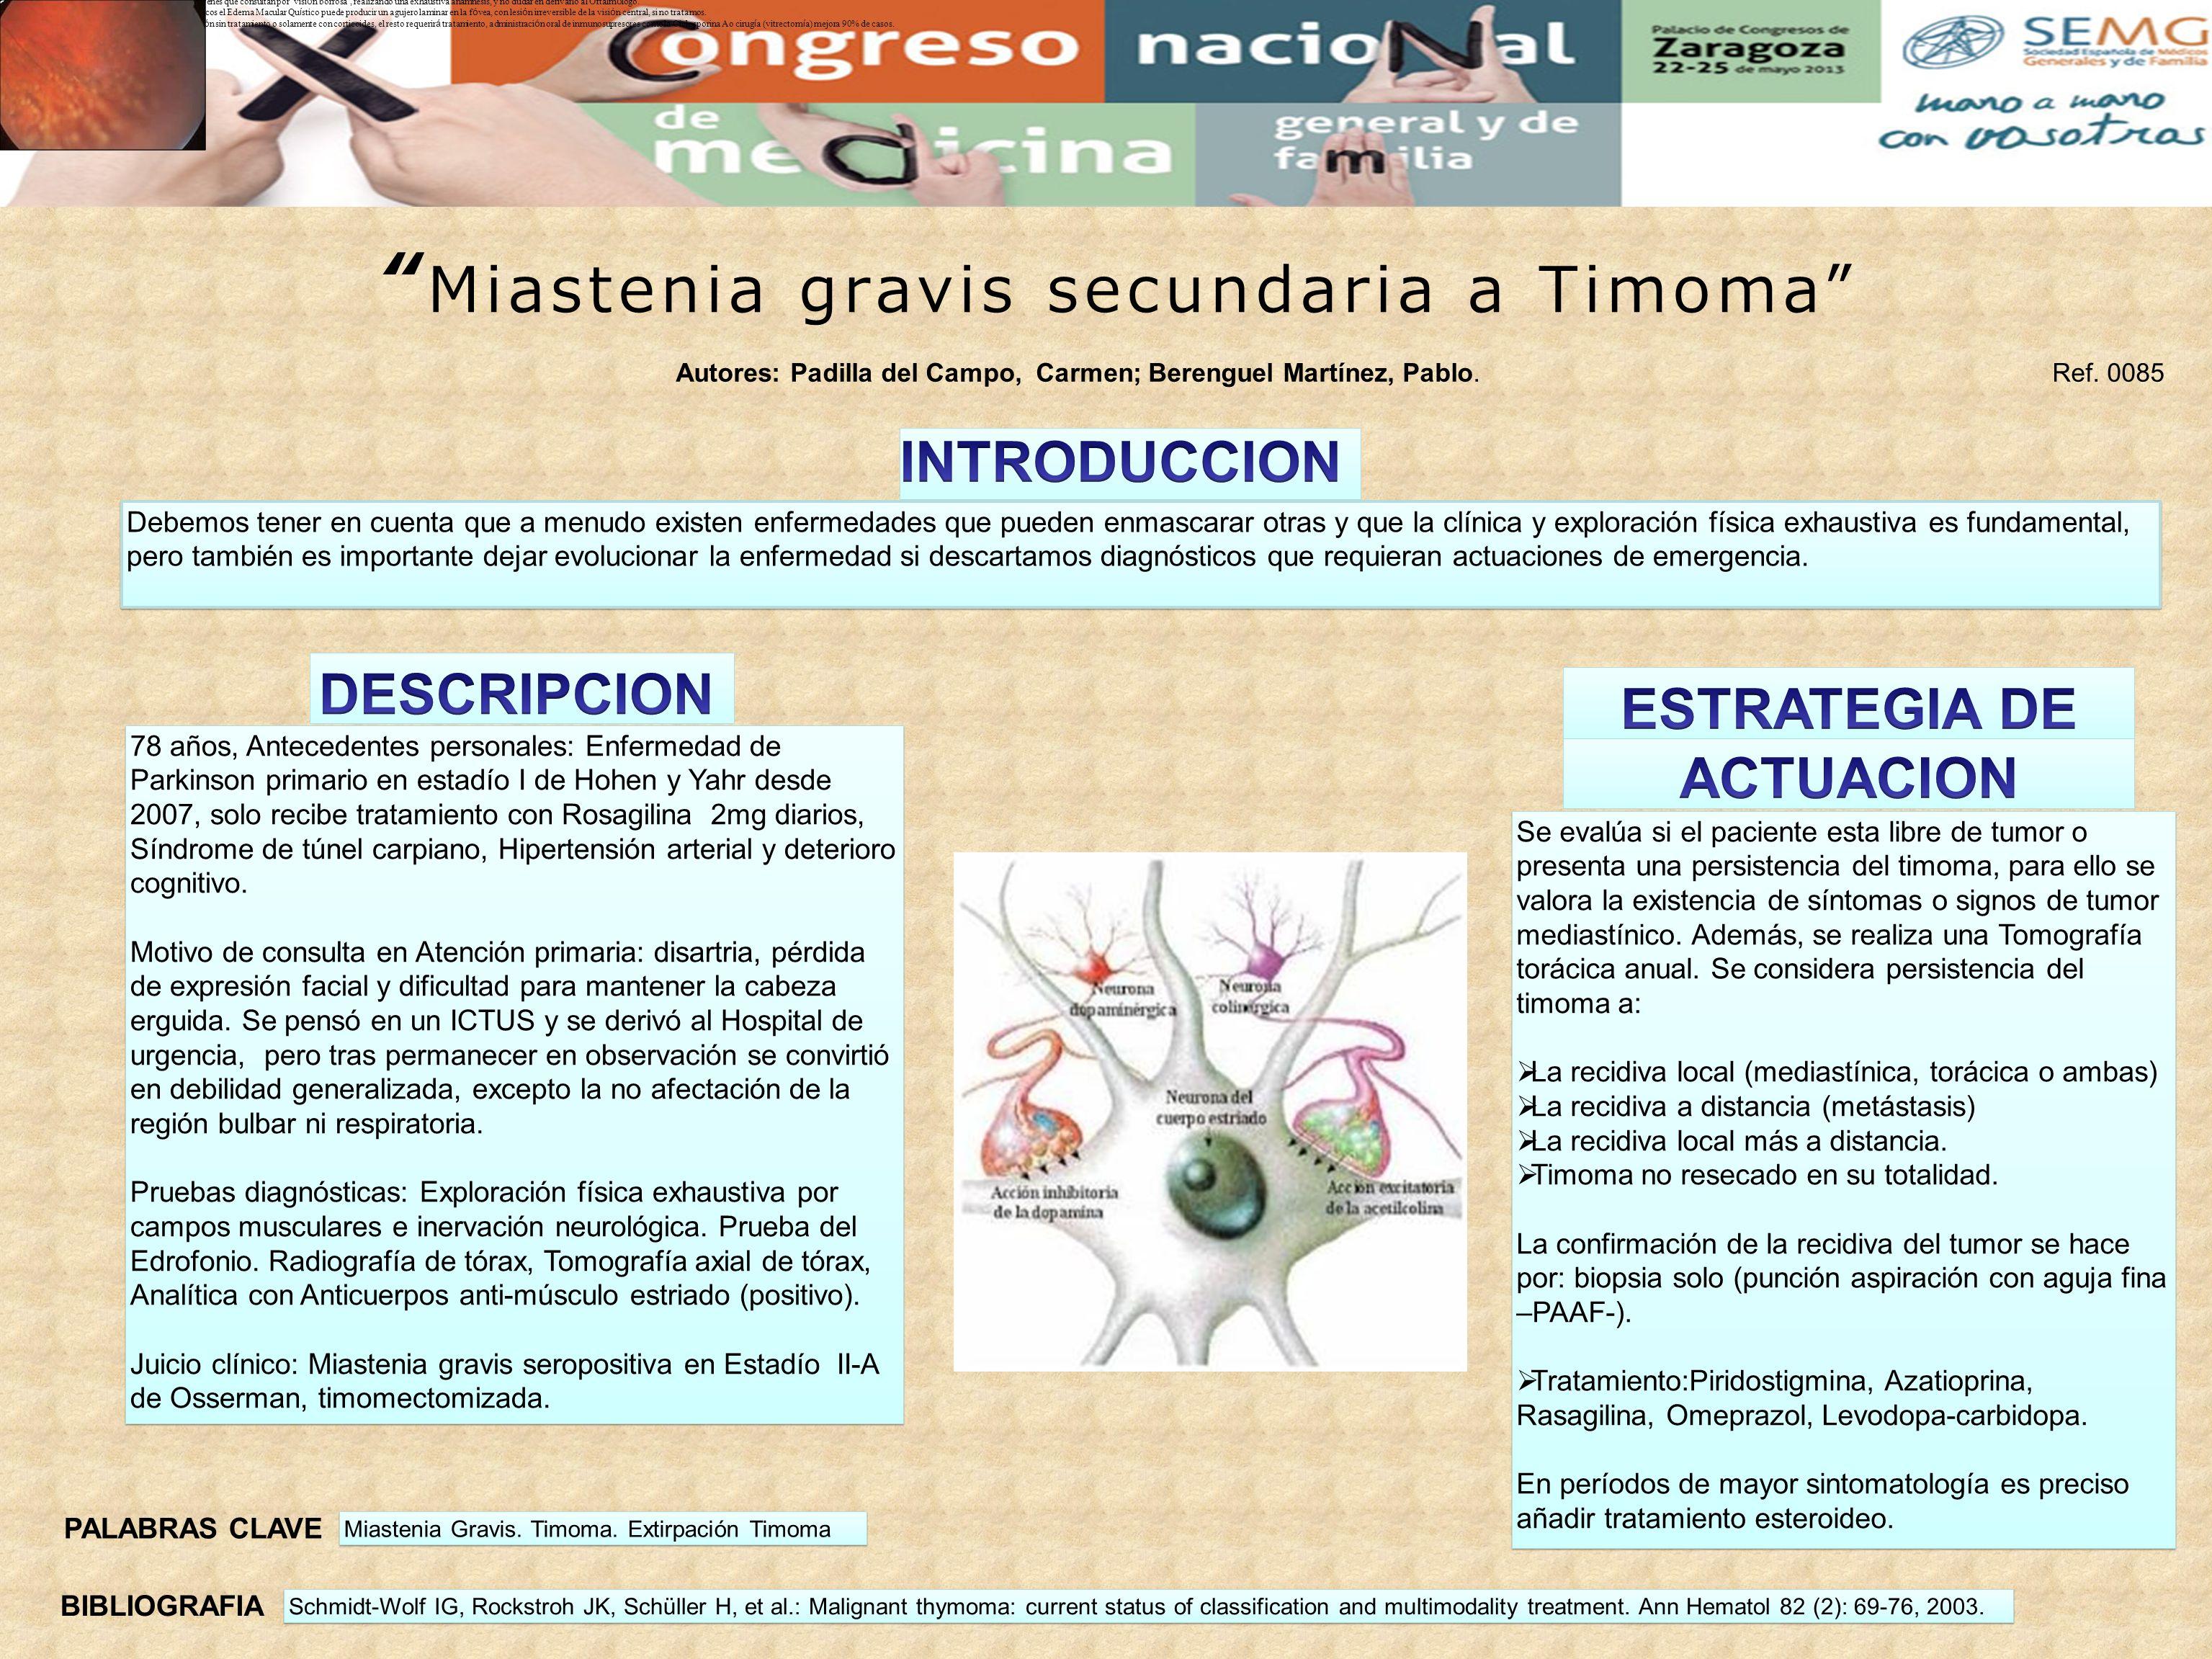 Miastenia gravis secundaria a Timoma Debemos tener en cuenta que a menudo existen enfermedades que pueden enmascarar otras y que la clínica y explorac